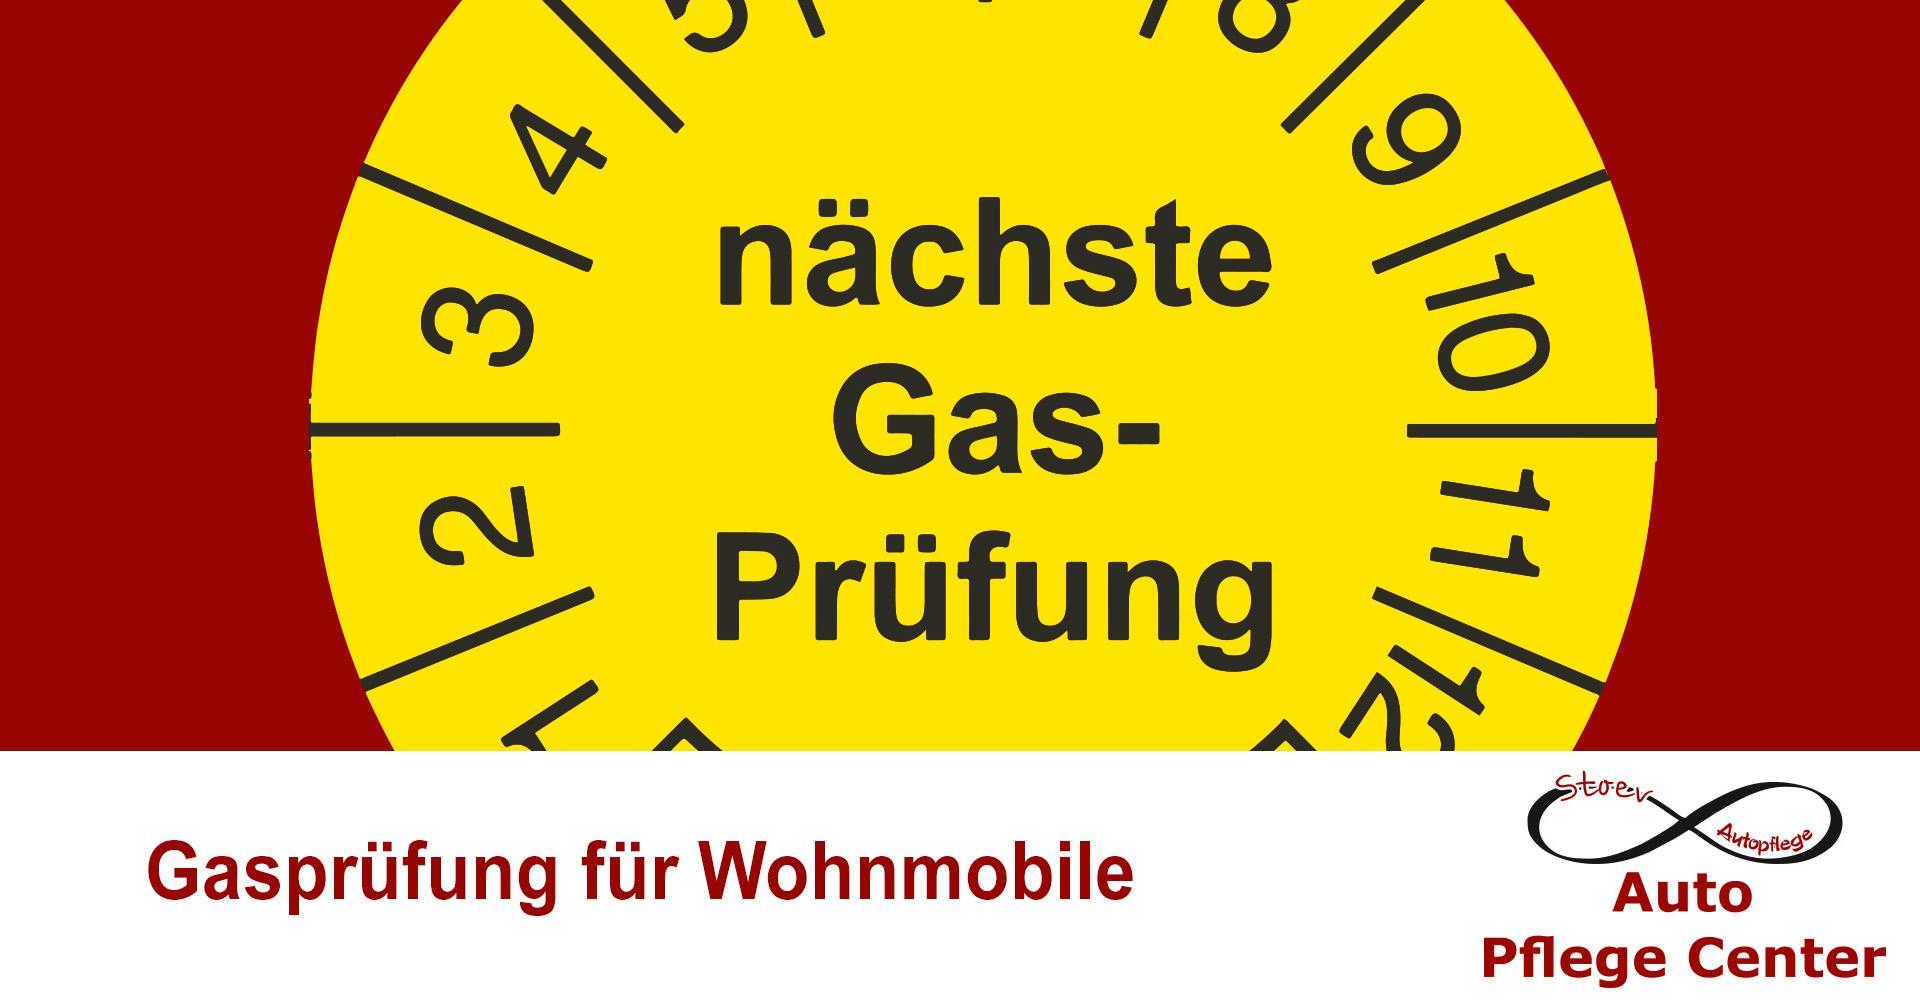 Zertifizierte Gasprüfung für Wohnmobile und Wohnwagen in Freiburg